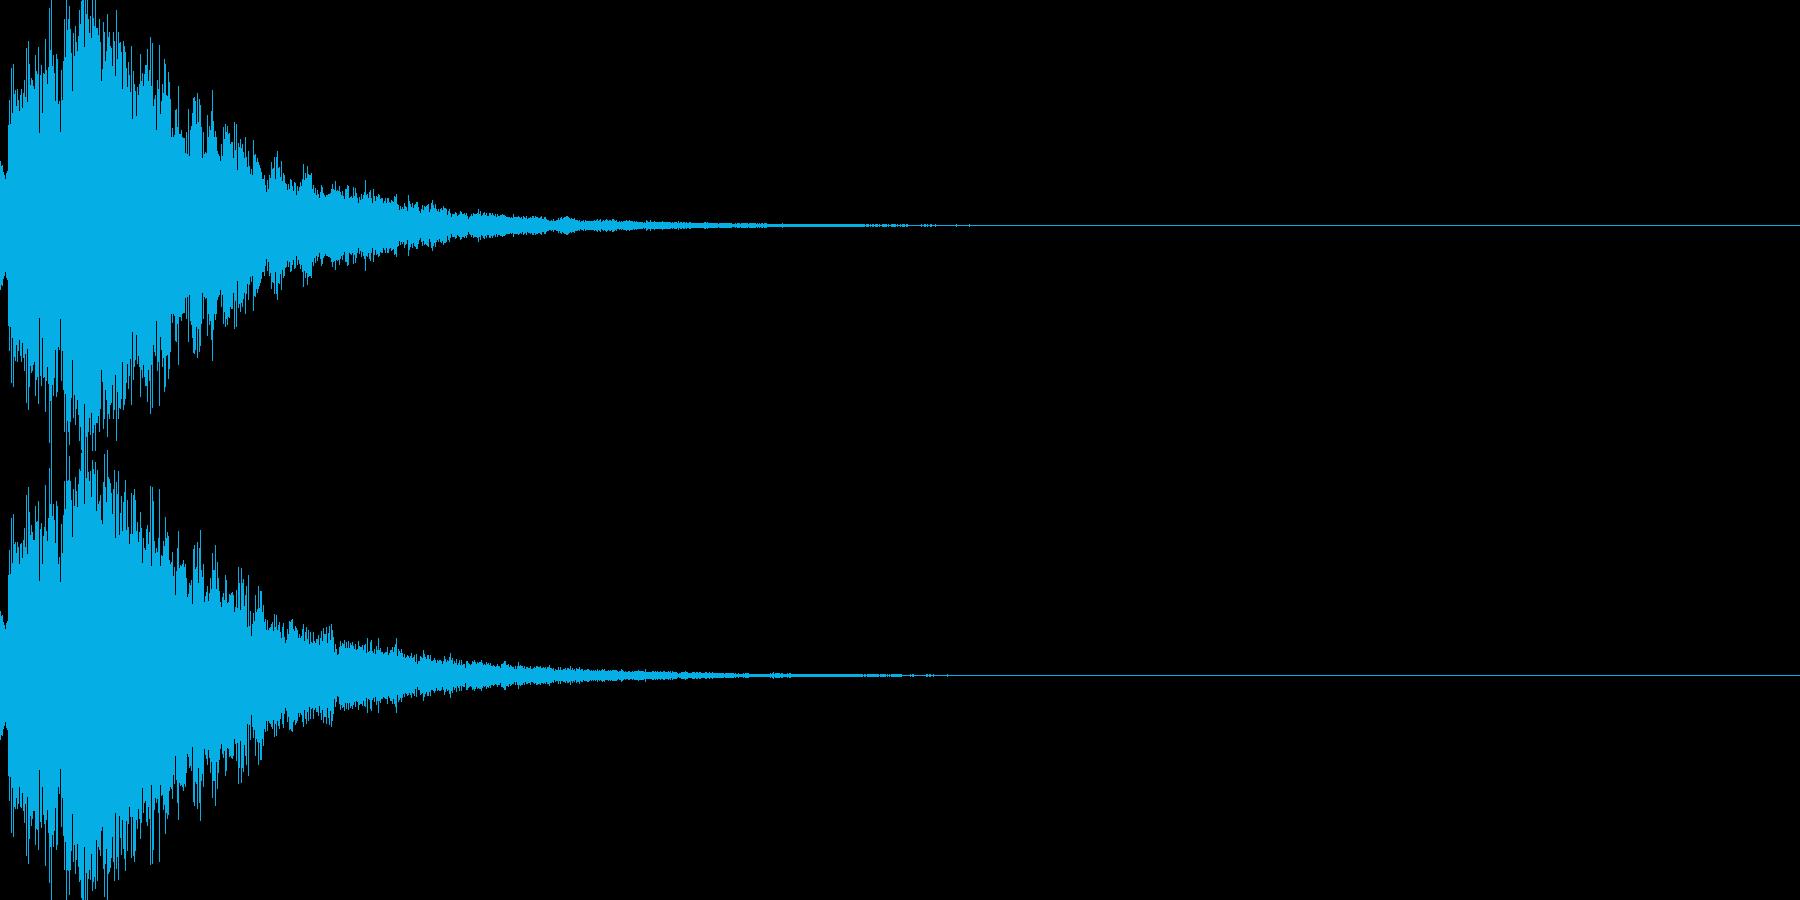 キラン・キラリ・キラキラ・光の再生済みの波形